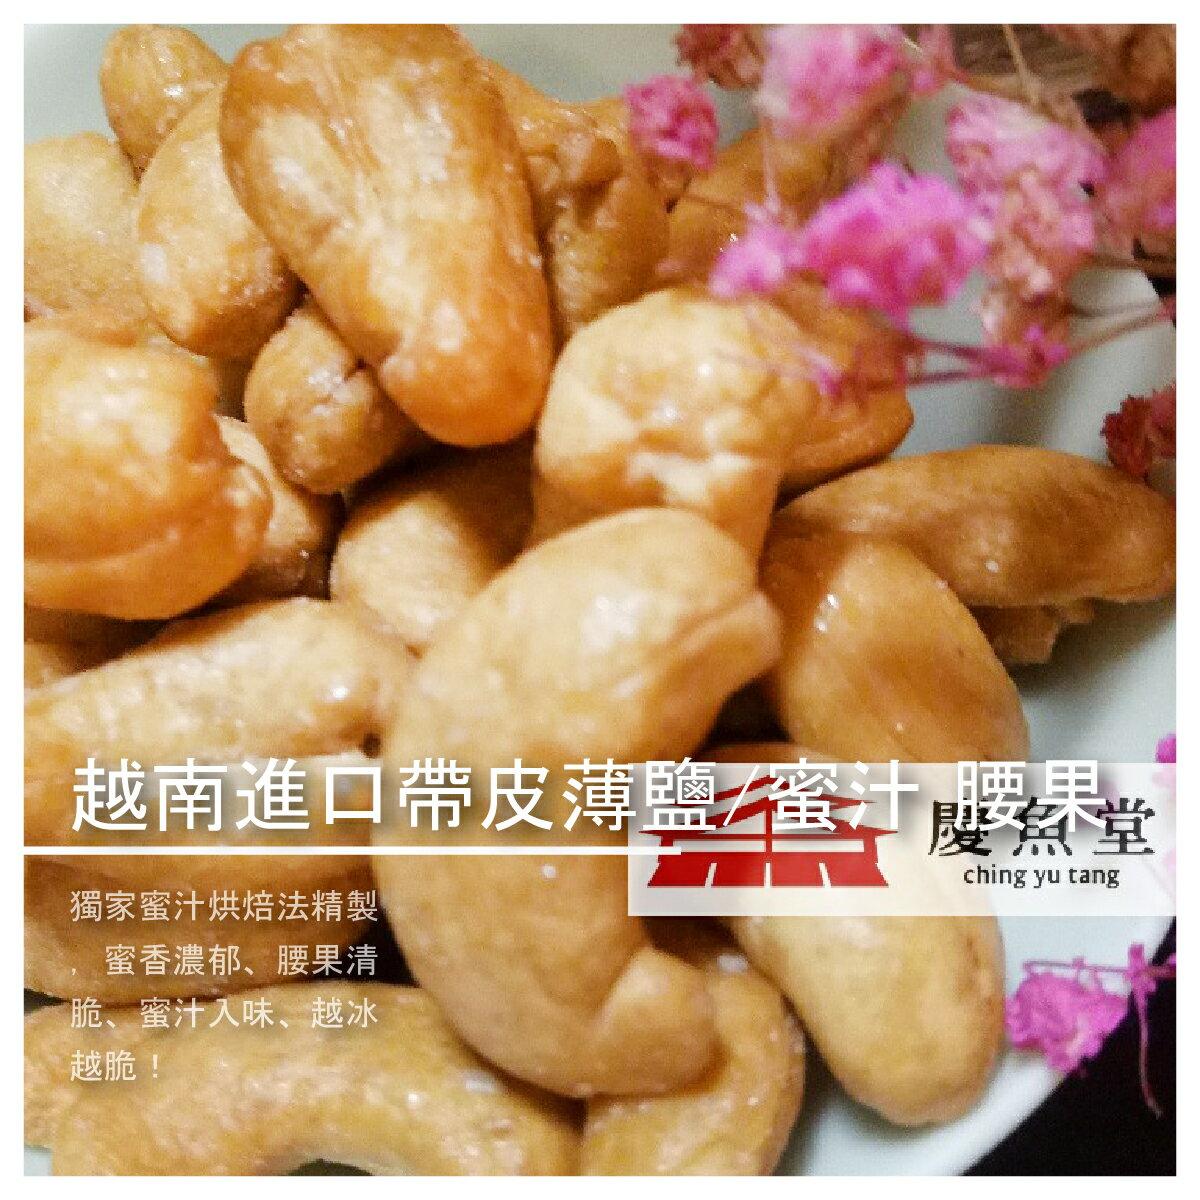 【慶魚堂】越南進口帶皮薄鹽/蜜汁 腰果(全素) 180g/罐